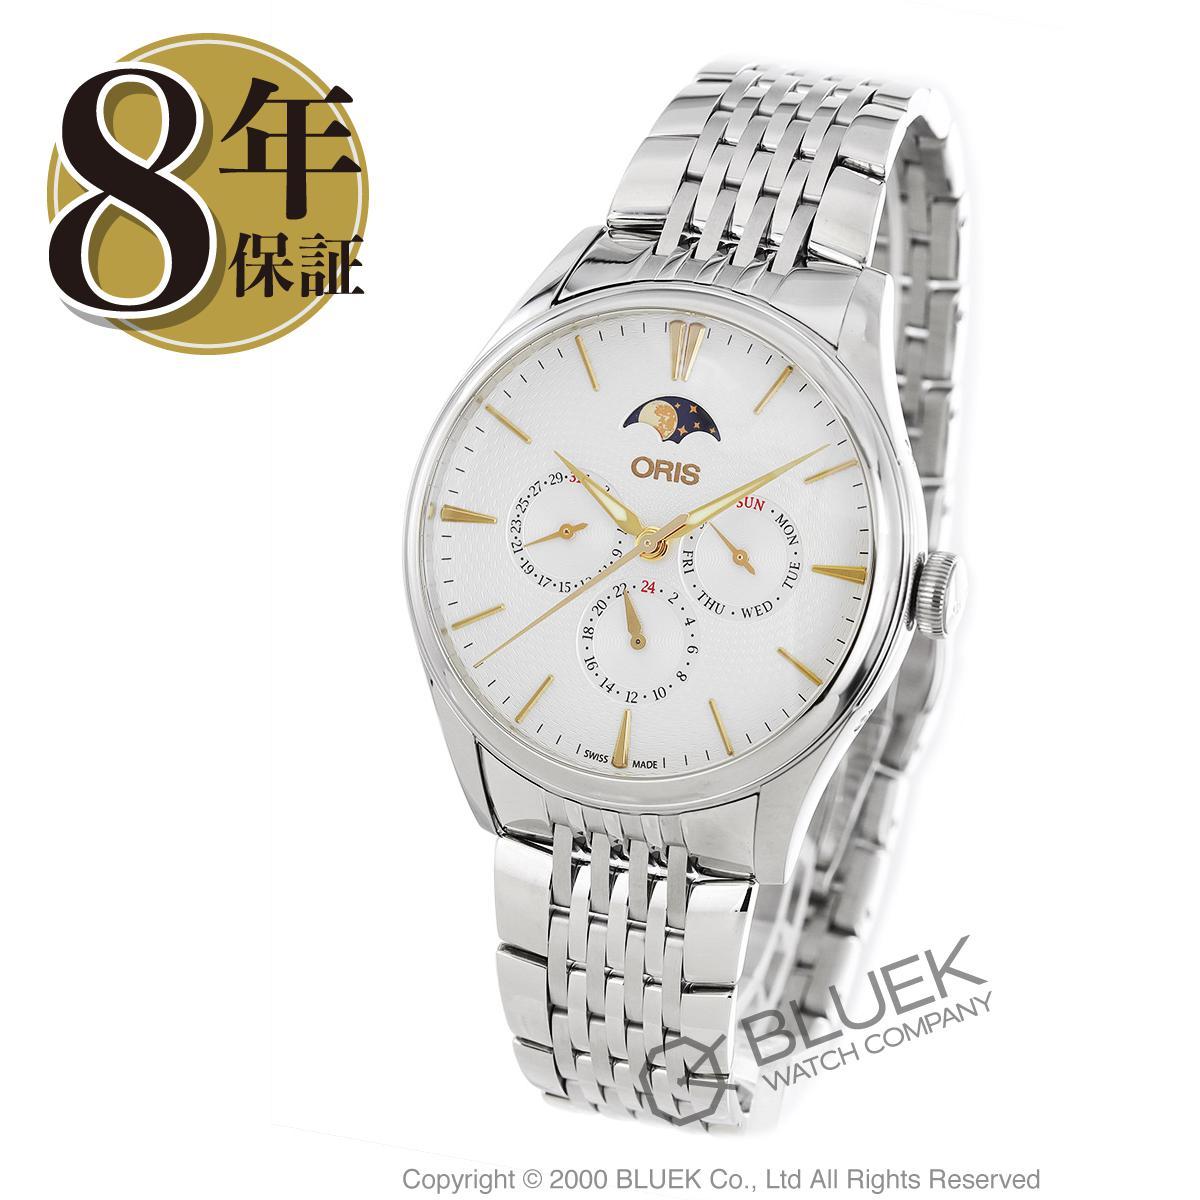 オリス アートリエ コンプリケーション ムーンフェイズ 腕時計 メンズ ORIS 781 7729 4031M_8